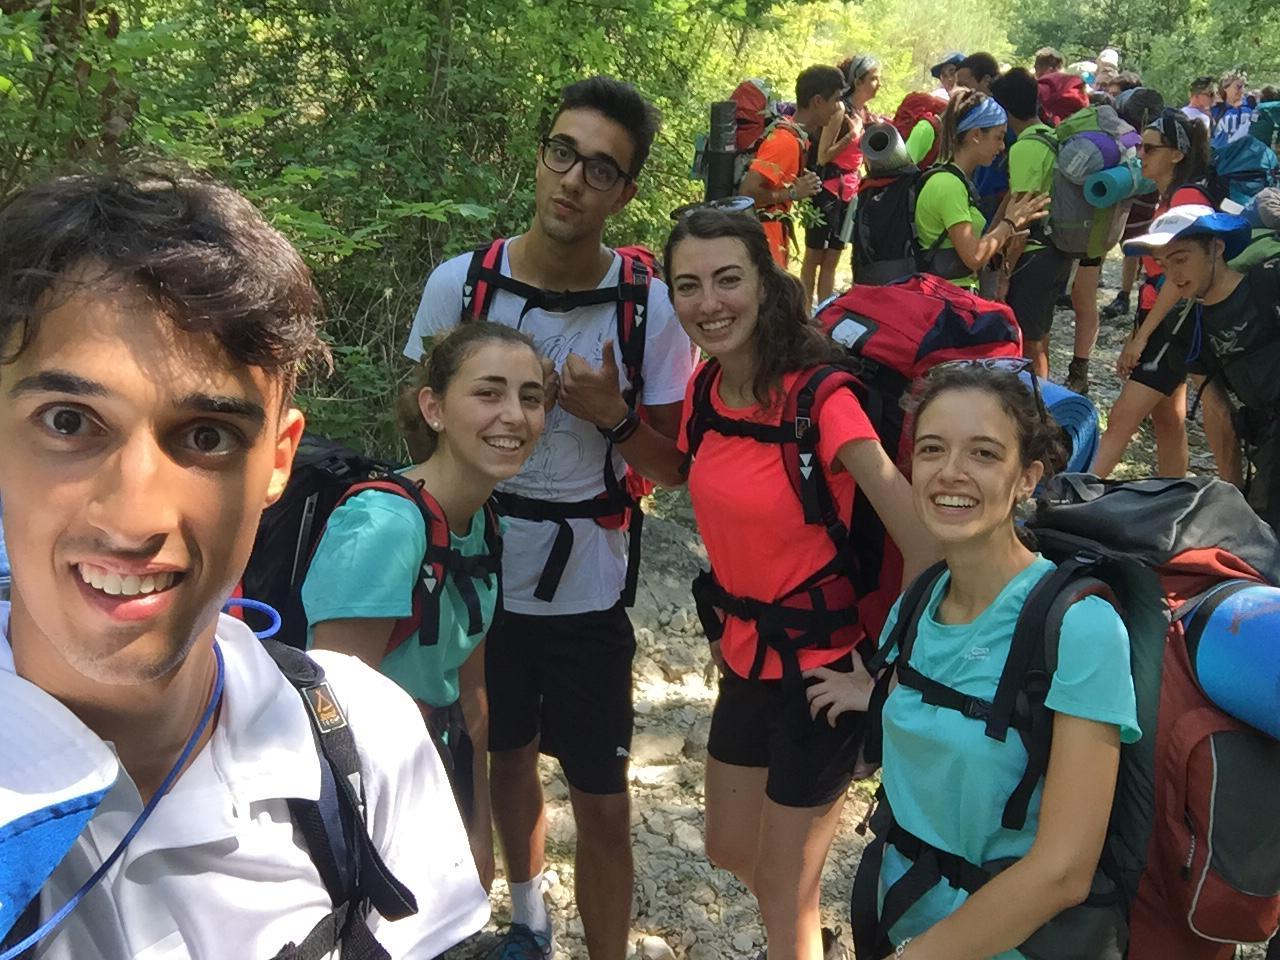 Pellegrinaggio Roma 2018 cammino (1)